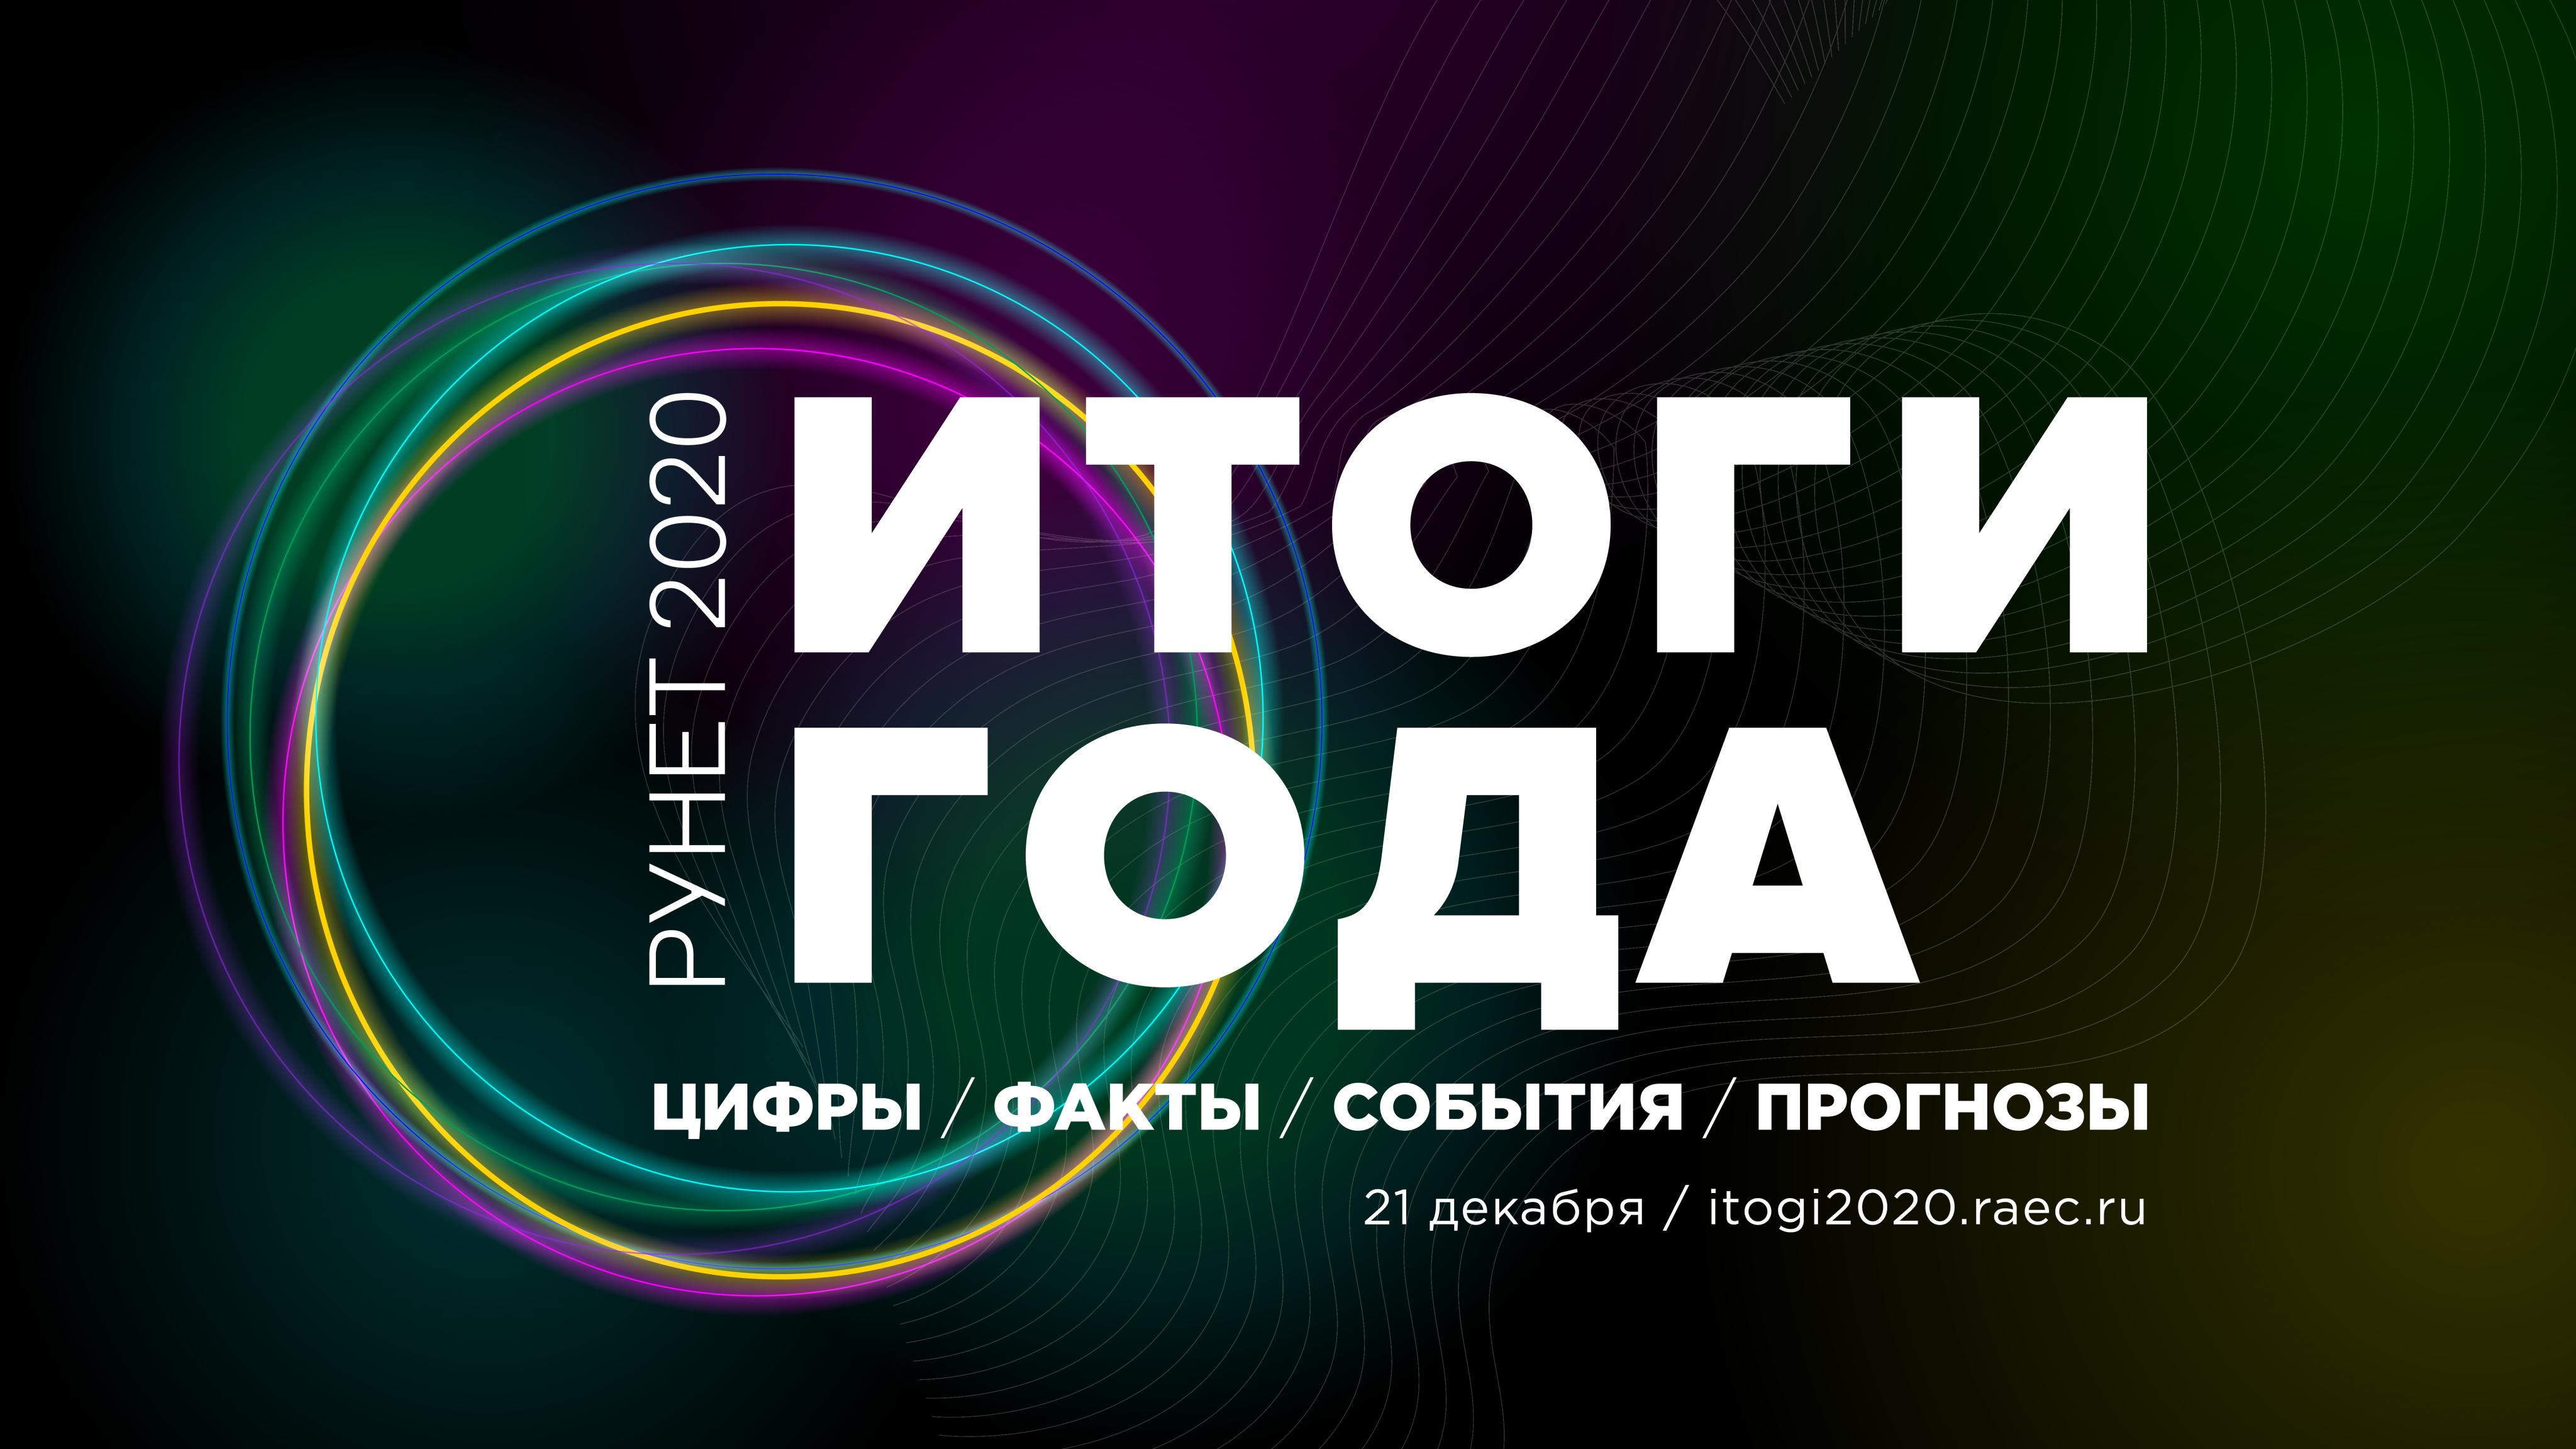 """Конференция """"Рунет 2020: итоги года"""": цифры, факты, события, прогнозы"""